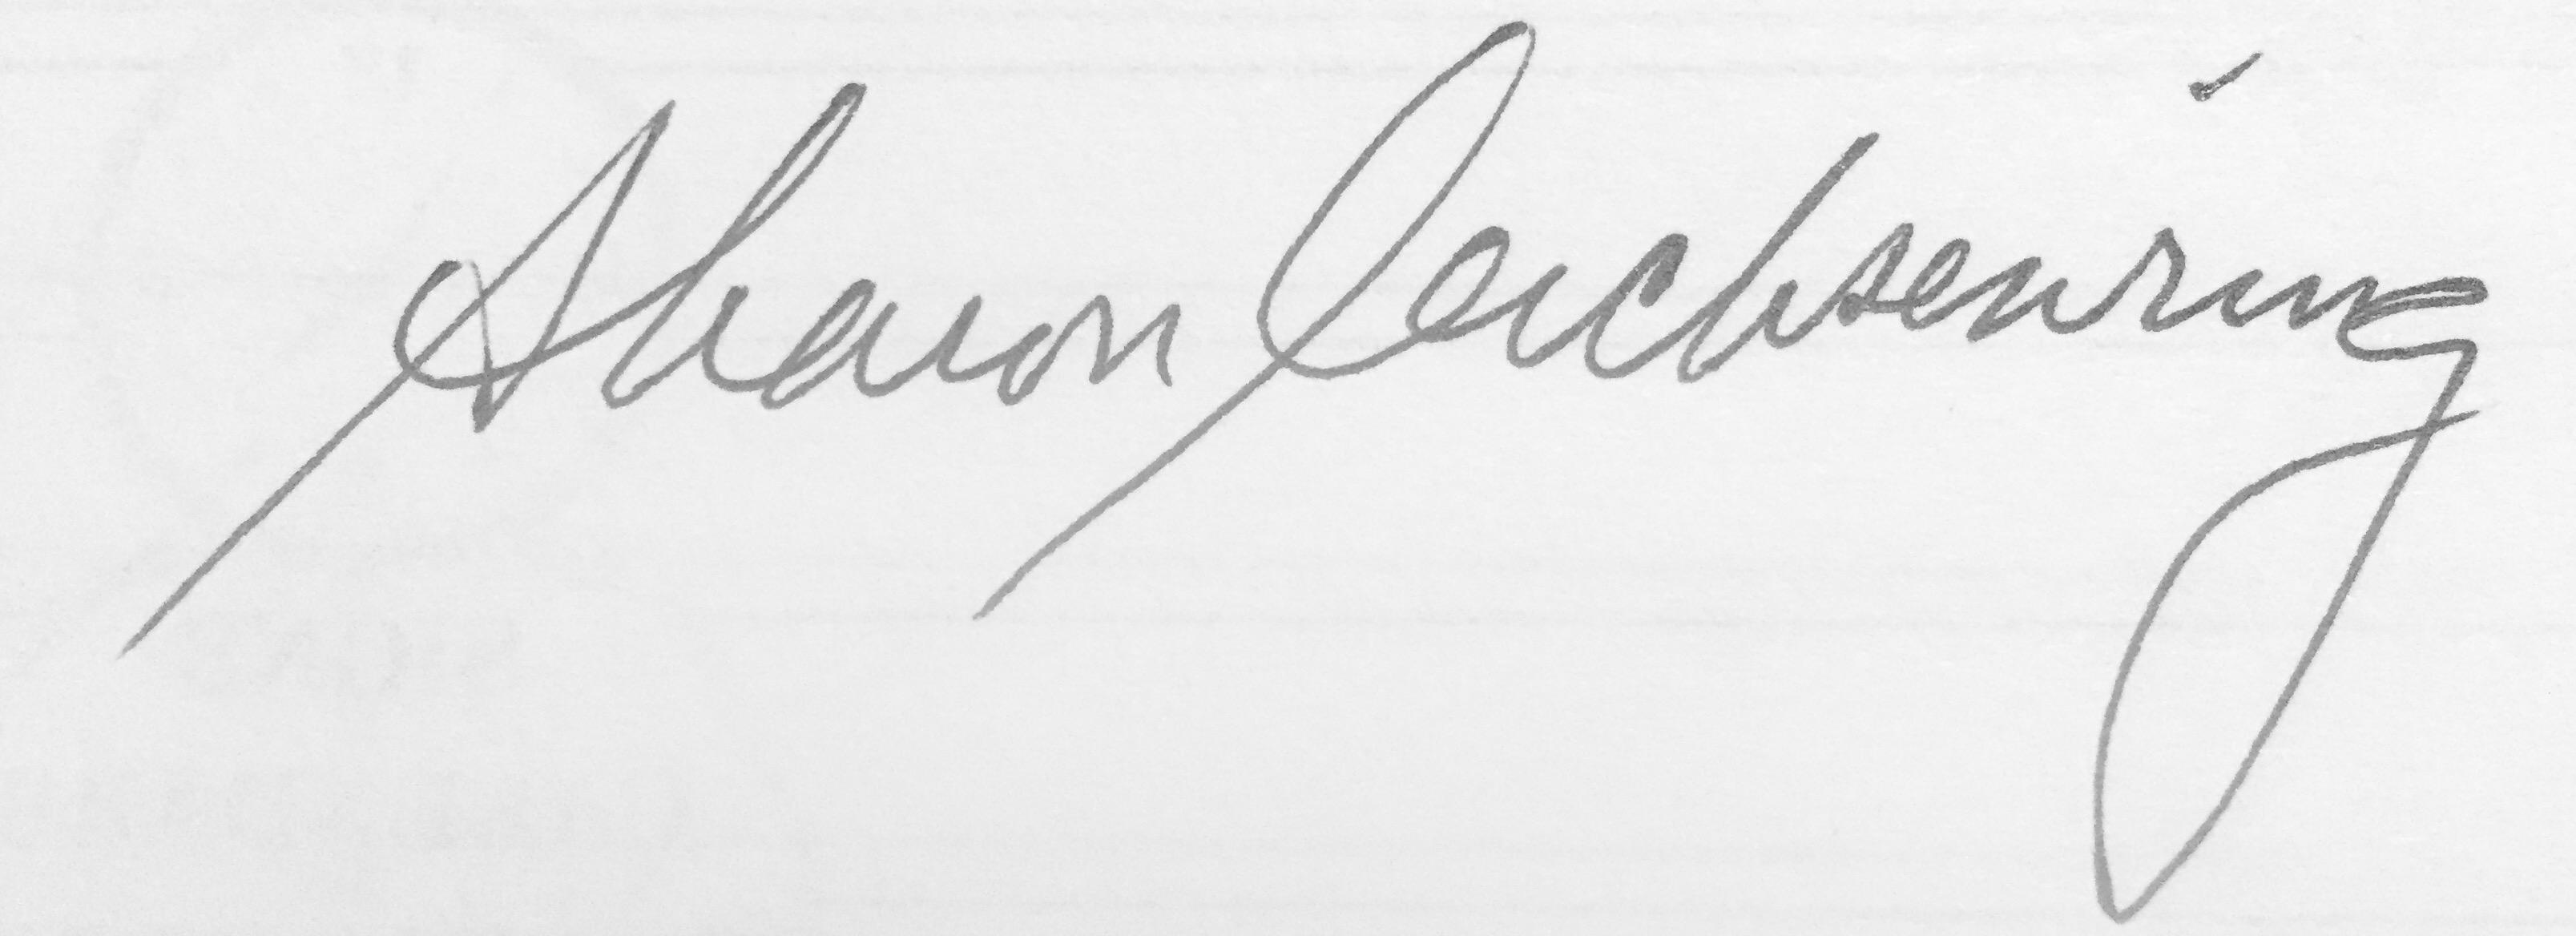 Sharon Leichsenring Signature